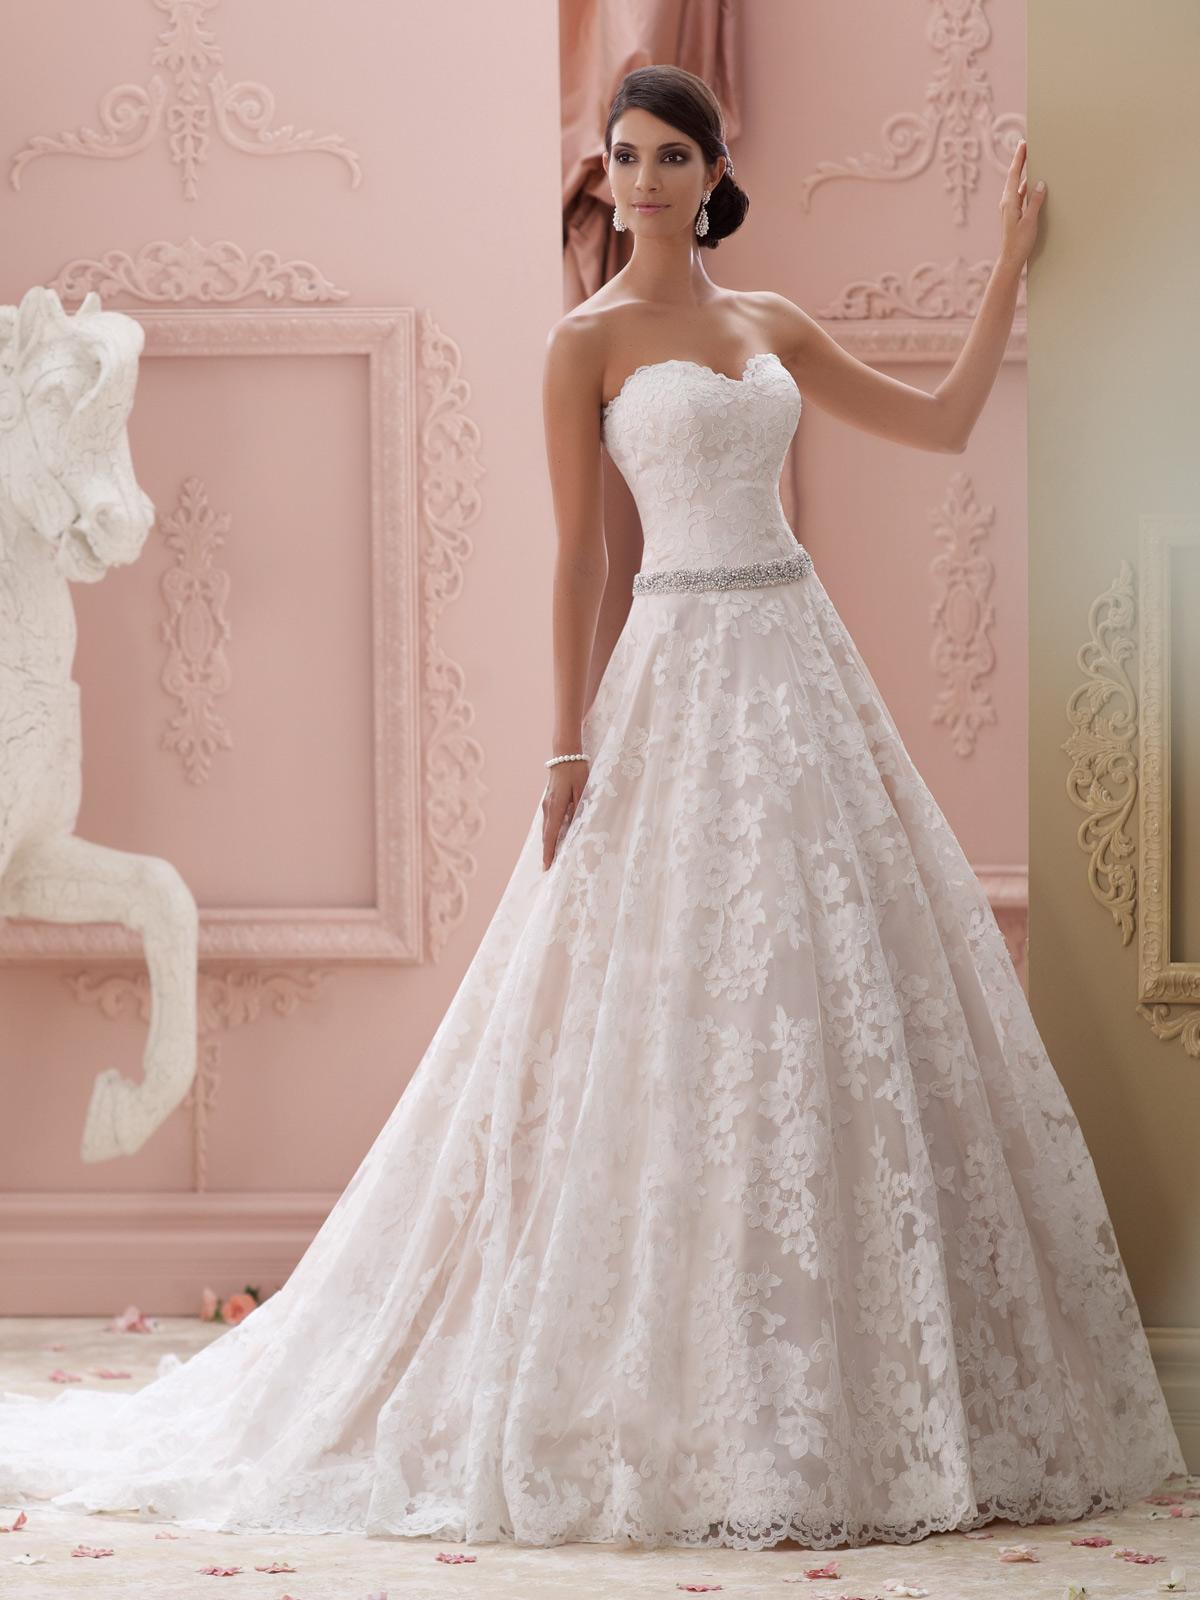 بالصور صور فساتين اعراس , تشكيله فساتين زفاف رائعه 1396 4